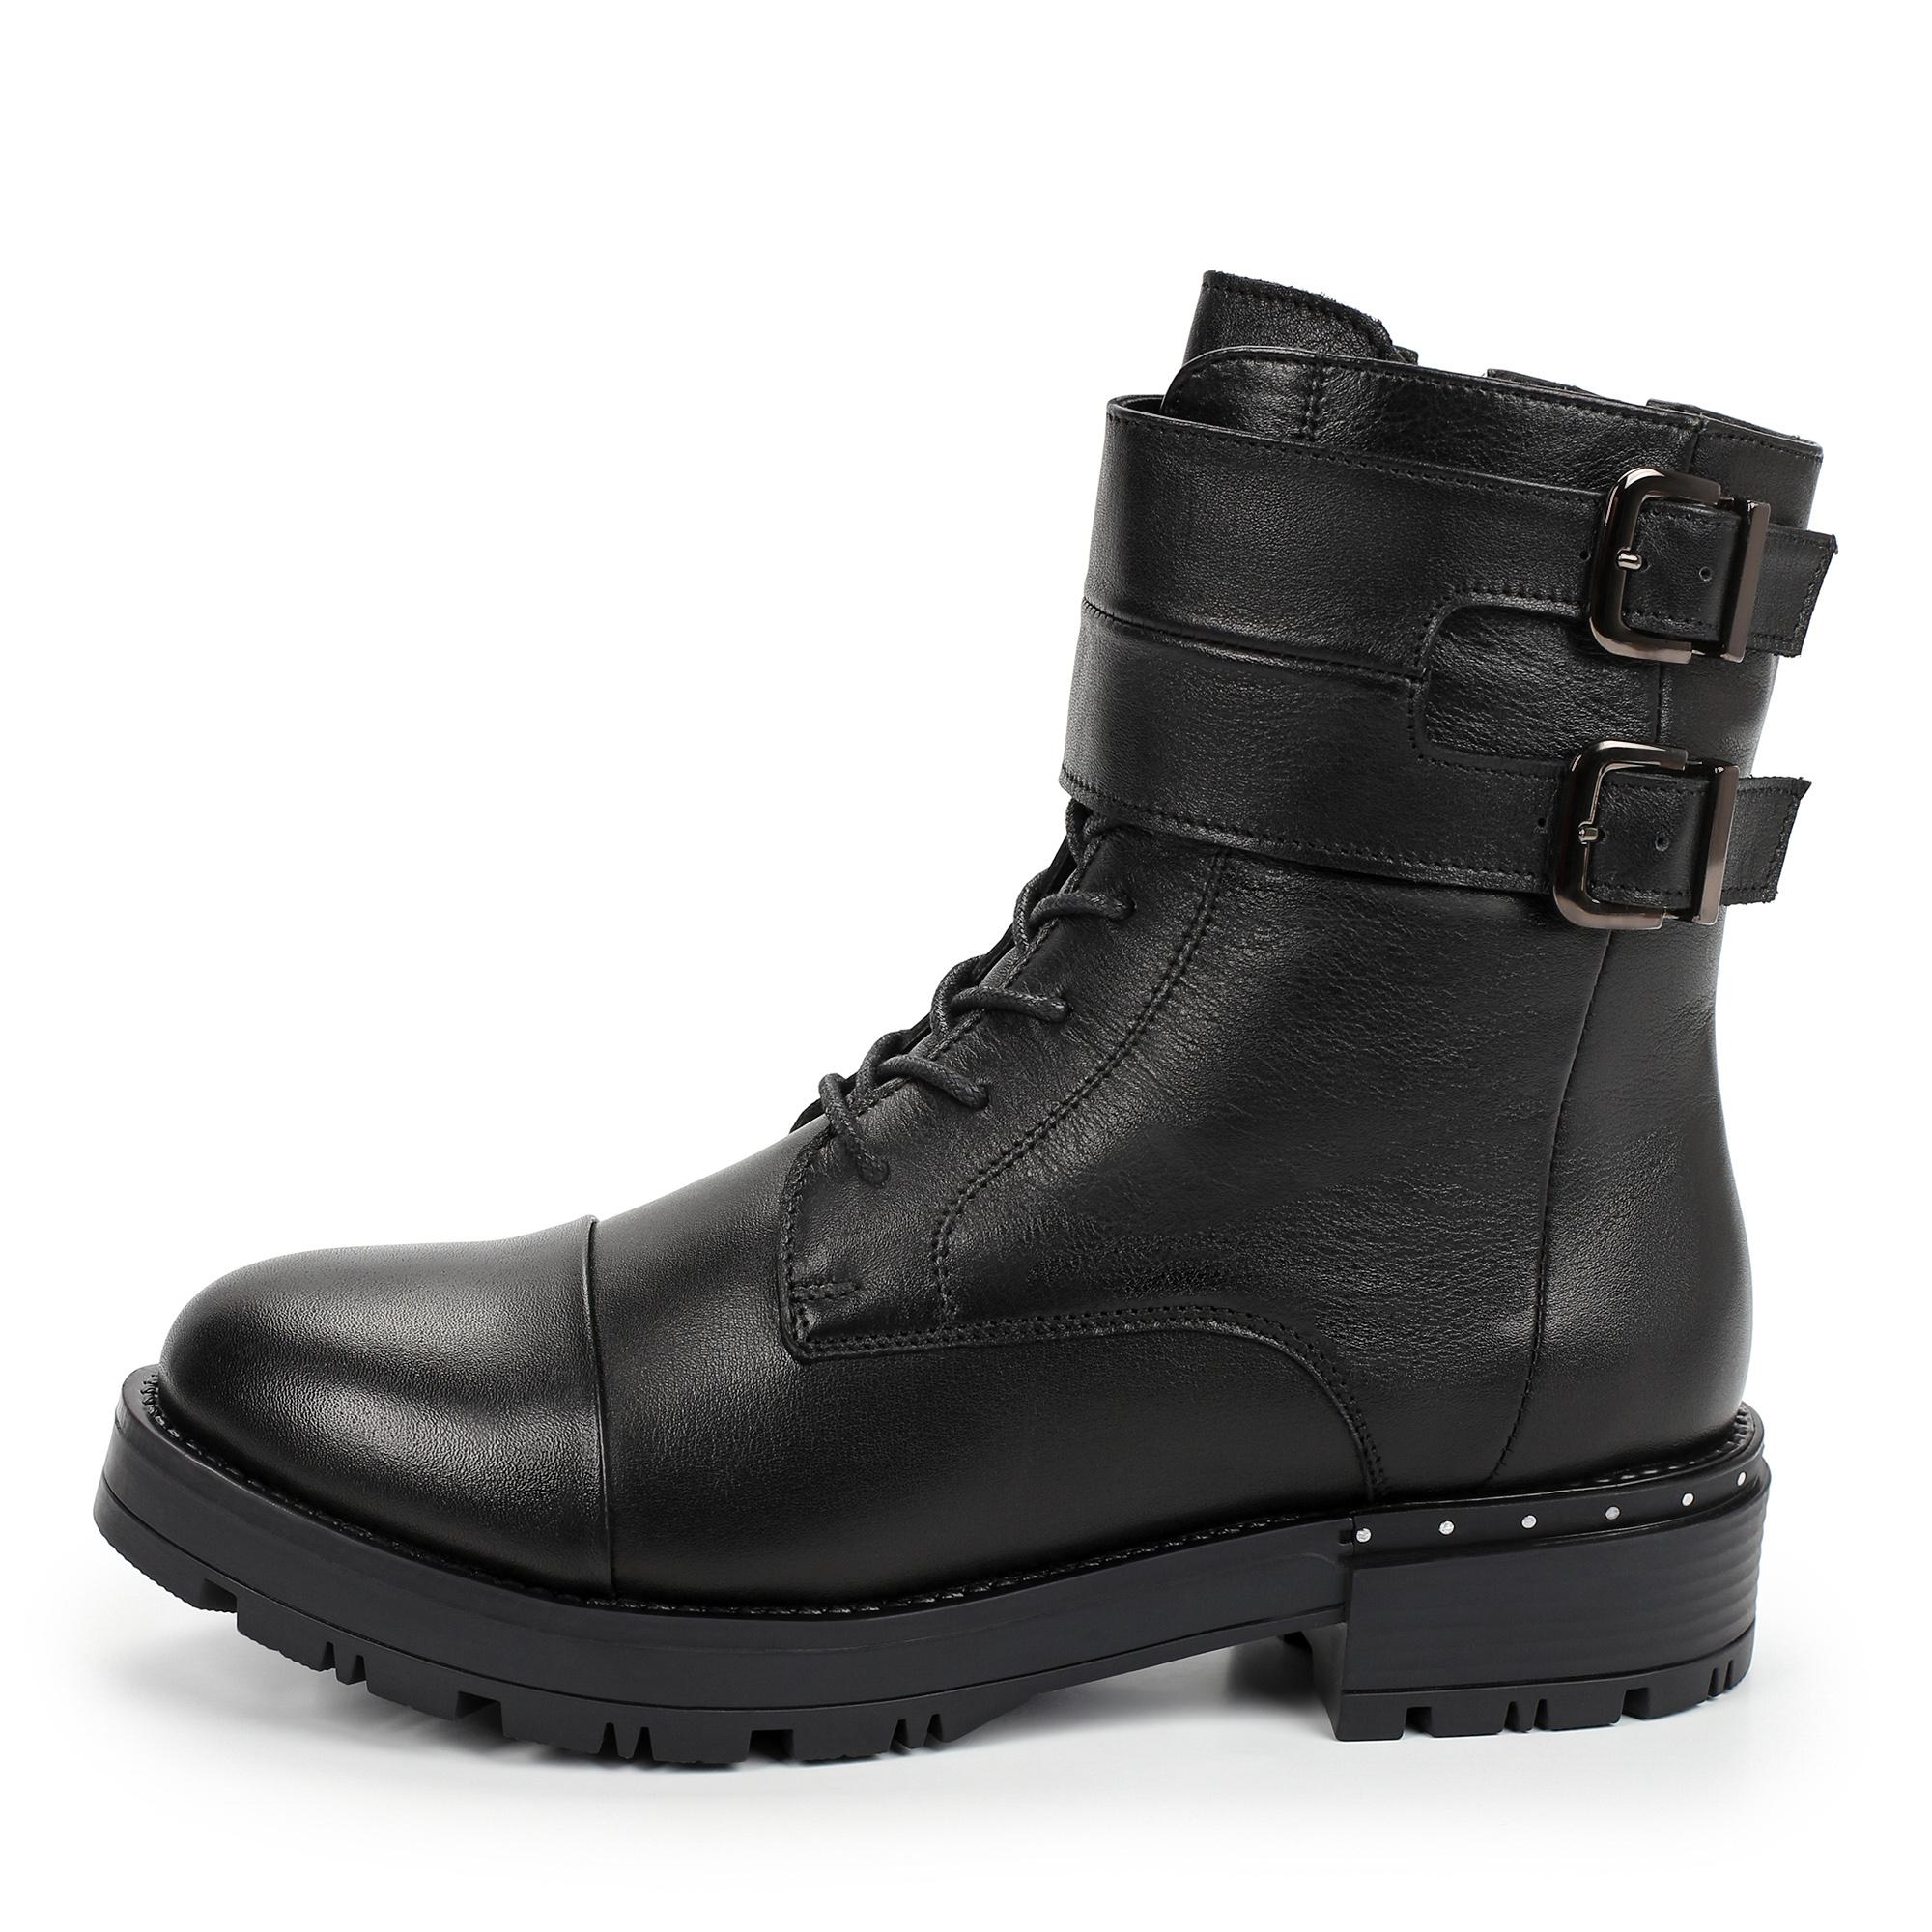 Ботинки Thomas Munz 301 001B 3102